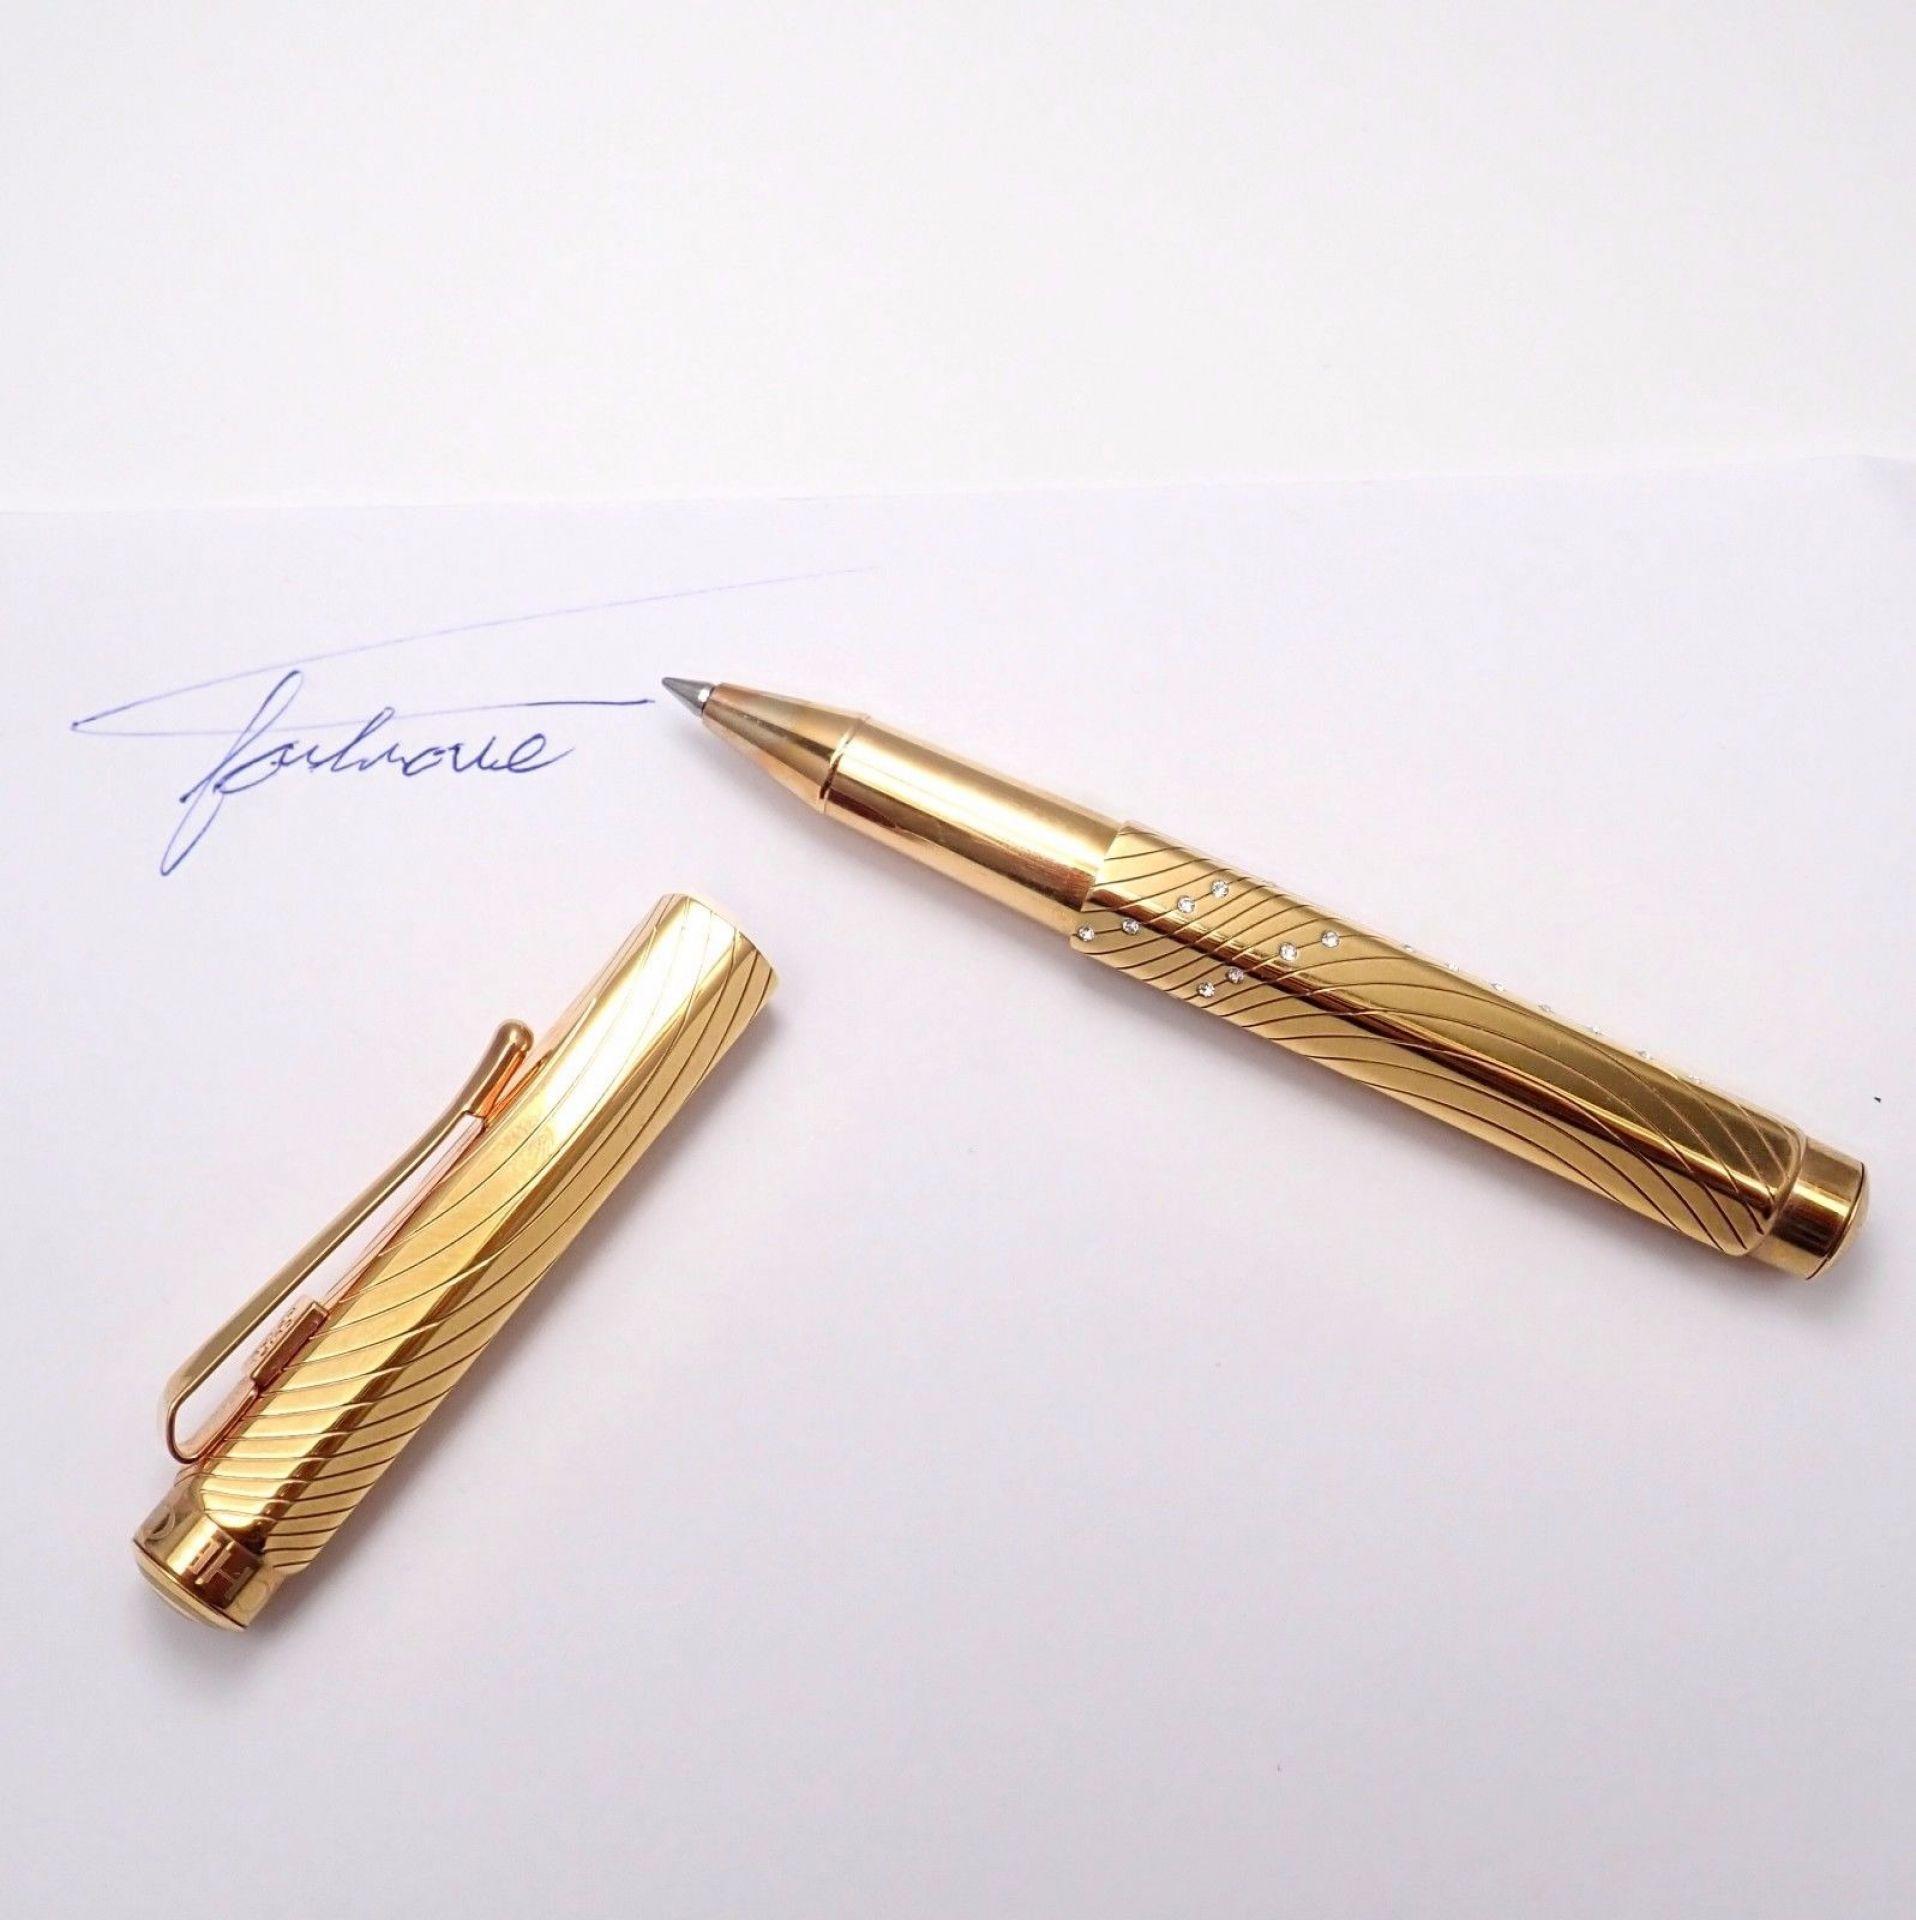 Rare! Caran d'Ache Swarovski Crystal 18k Ecridor Ballpoint Pen + Box/Booklet